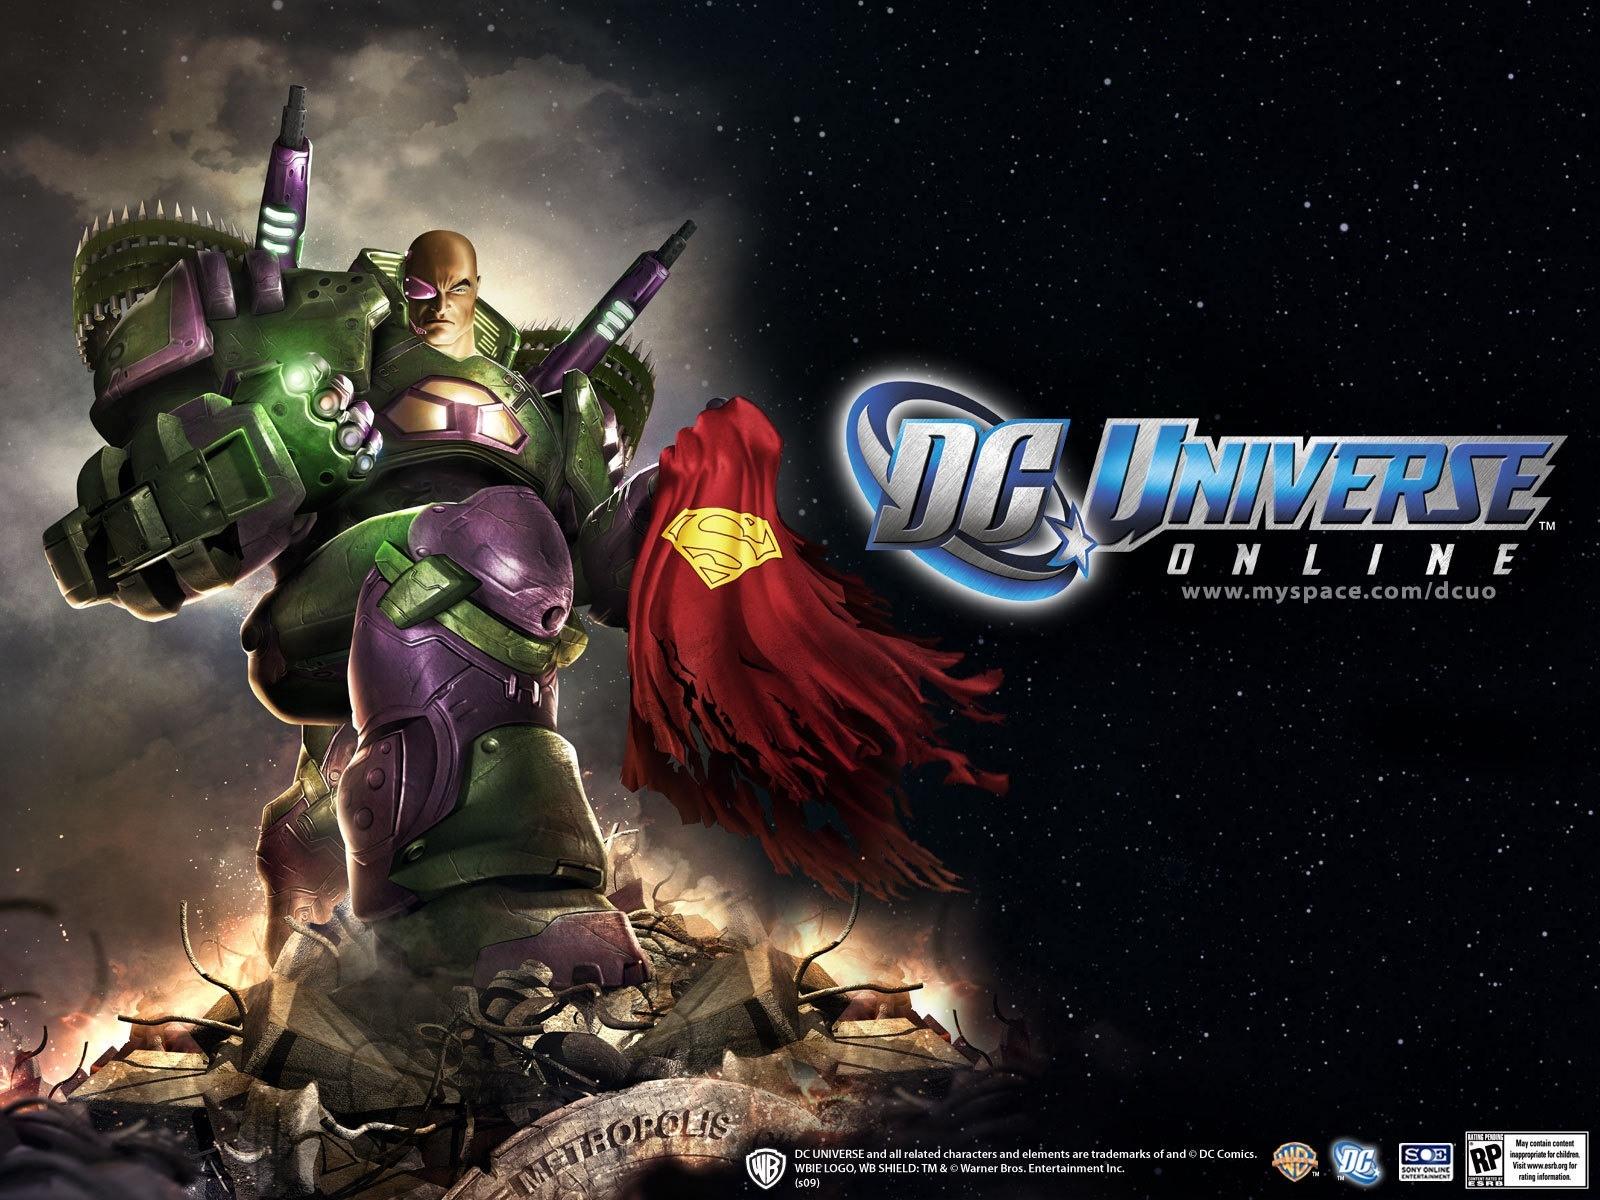 http://4.bp.blogspot.com/-rHd8ICc1_as/TtQxKBPFYnI/AAAAAAAABHM/865_I-Dszbs/s1600/bds_dc-universe-online_wallpaper-01.jpg